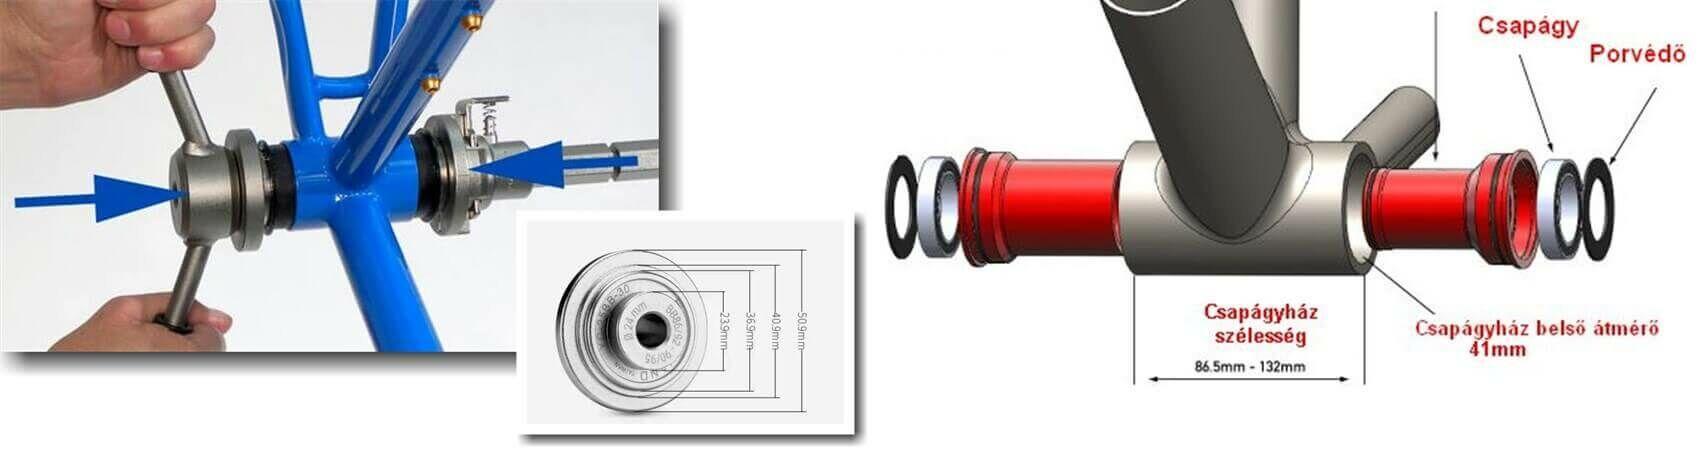 9k_középcsapágyak kompatibilitása melyik vázhoz milyen középcsapágy hajtómű